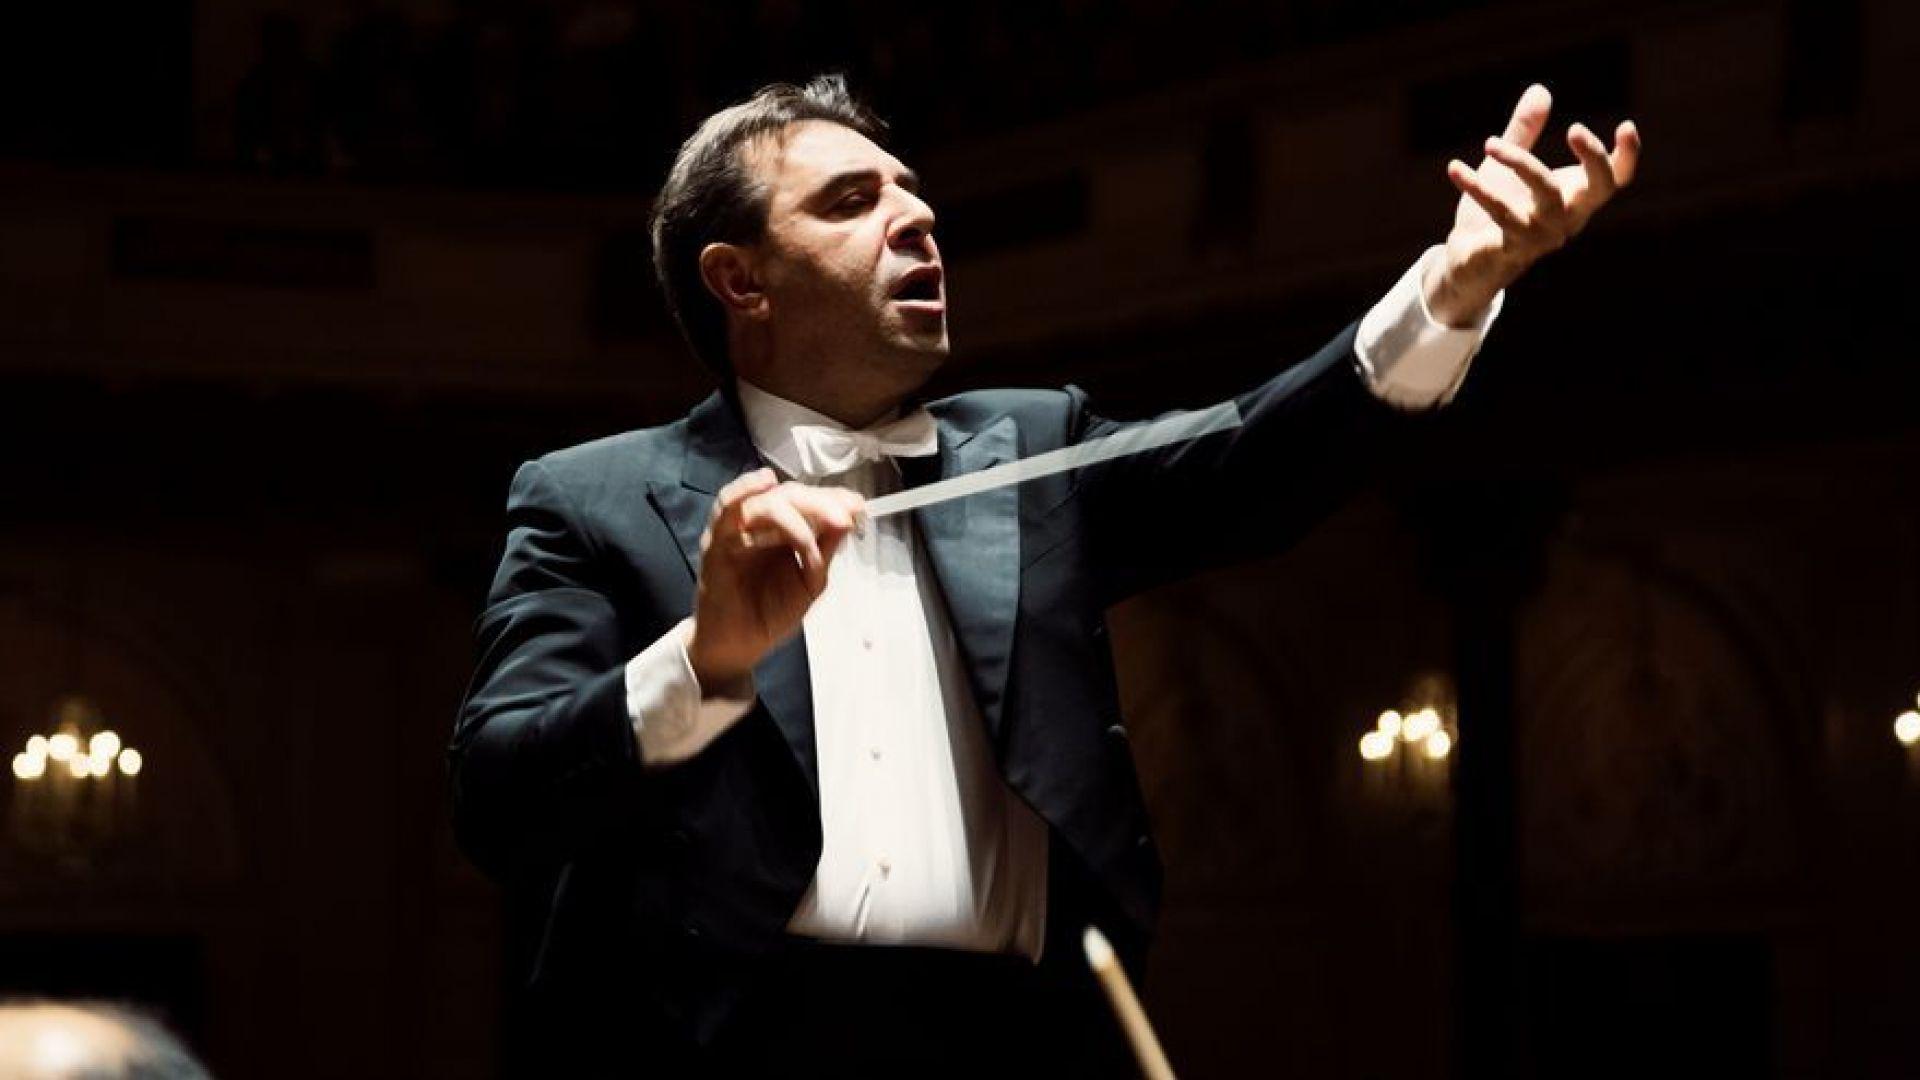 Уволниха главния диригент на Кралския оркестър на Амстердам заради обвинения в сексуално посегателство